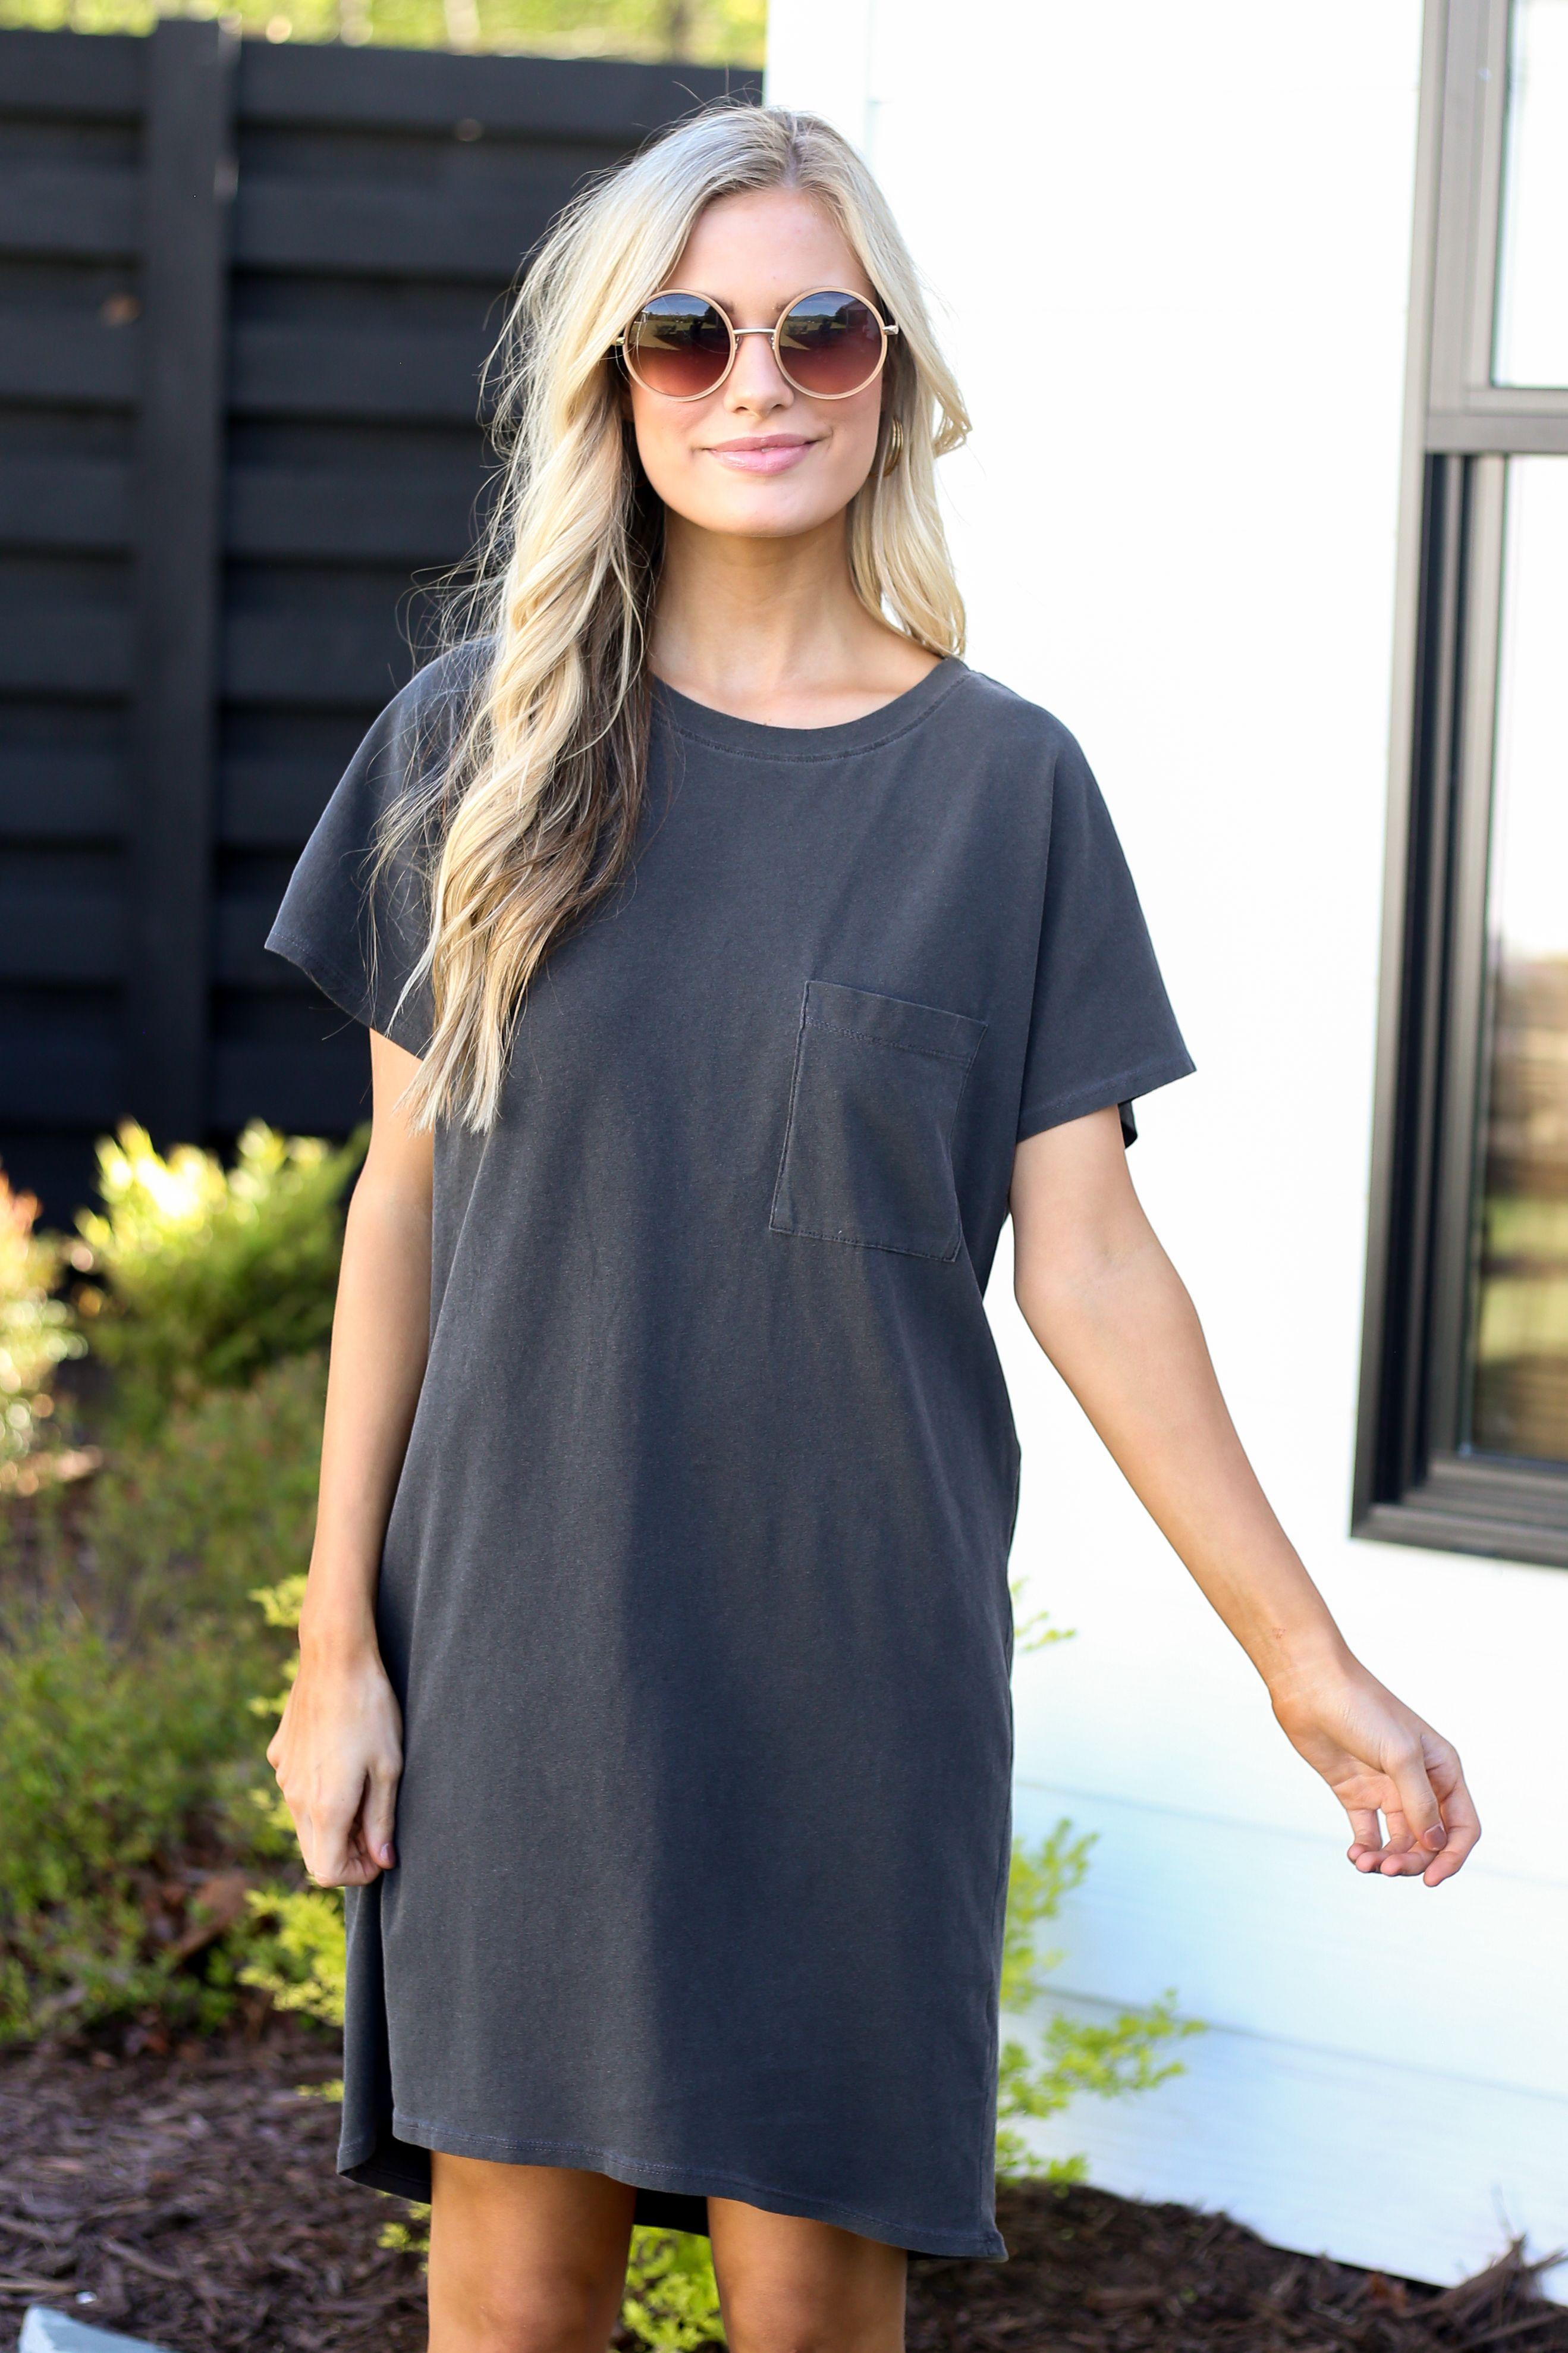 Stevie T Shirt Dress Tshirt Dress Outfit Shirt Dress Summer Dress Outfits [ 3956 x 2637 Pixel ]